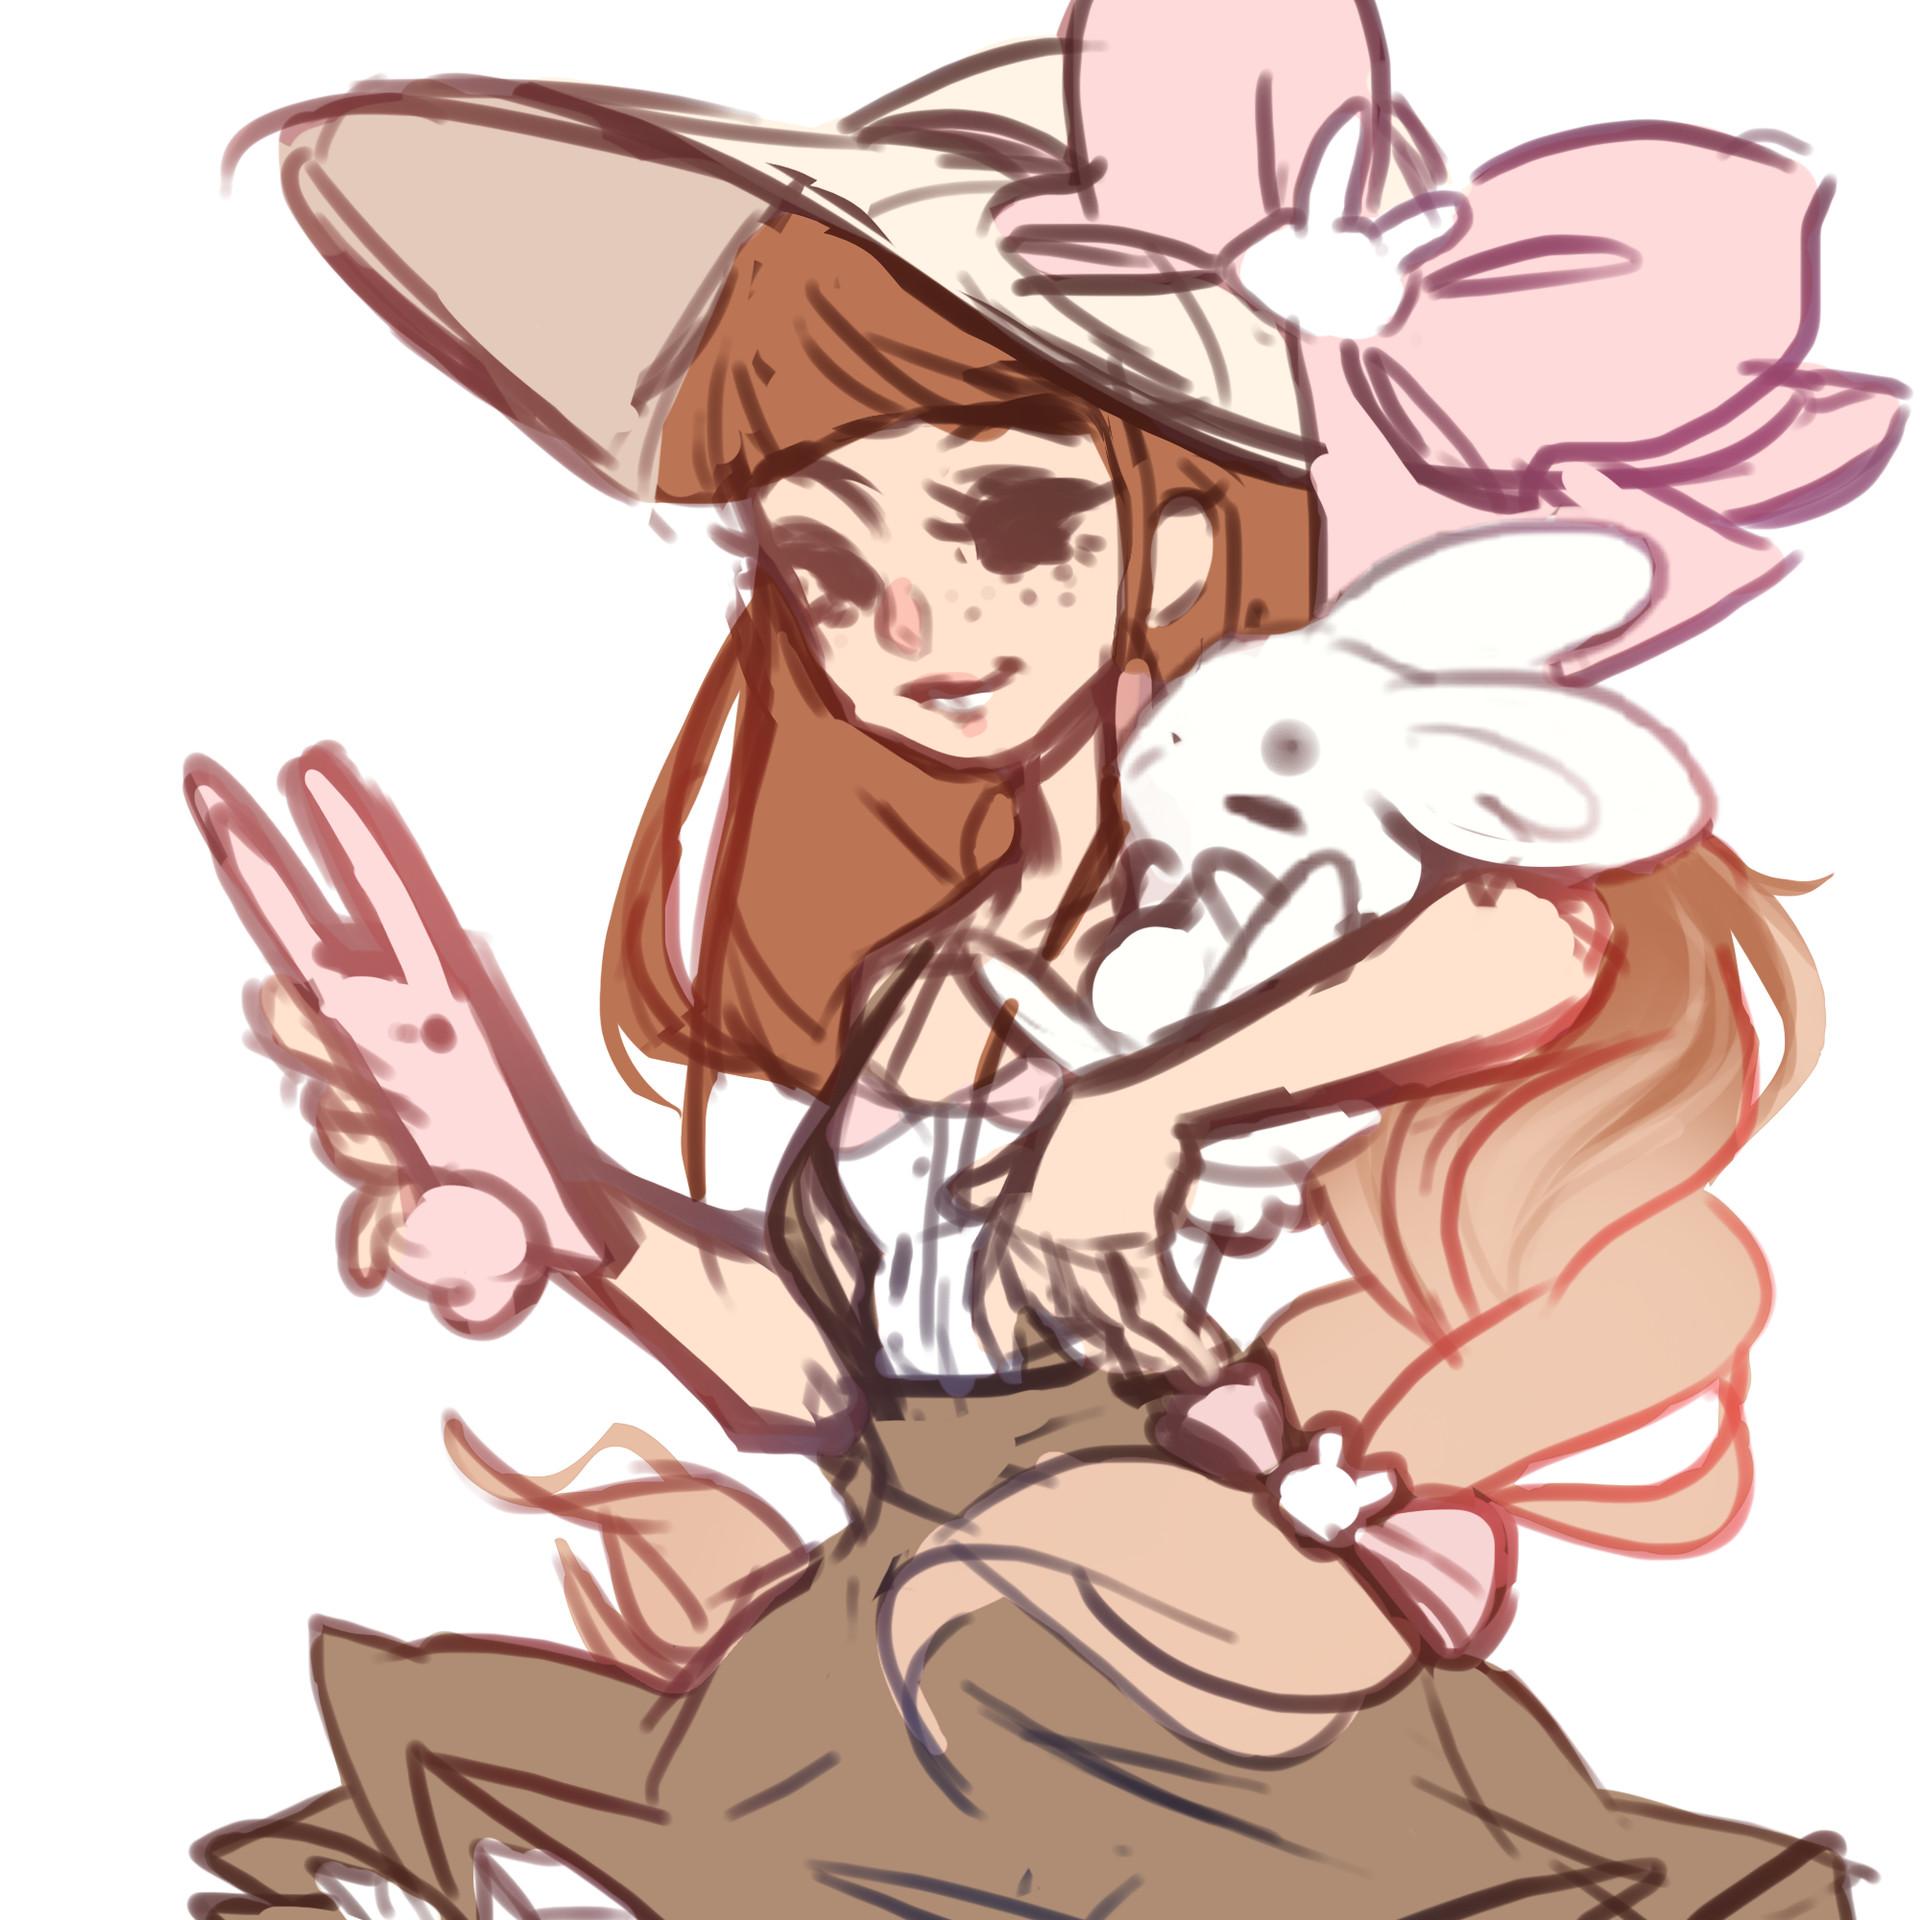 Dani kruse some bunny named d sketch